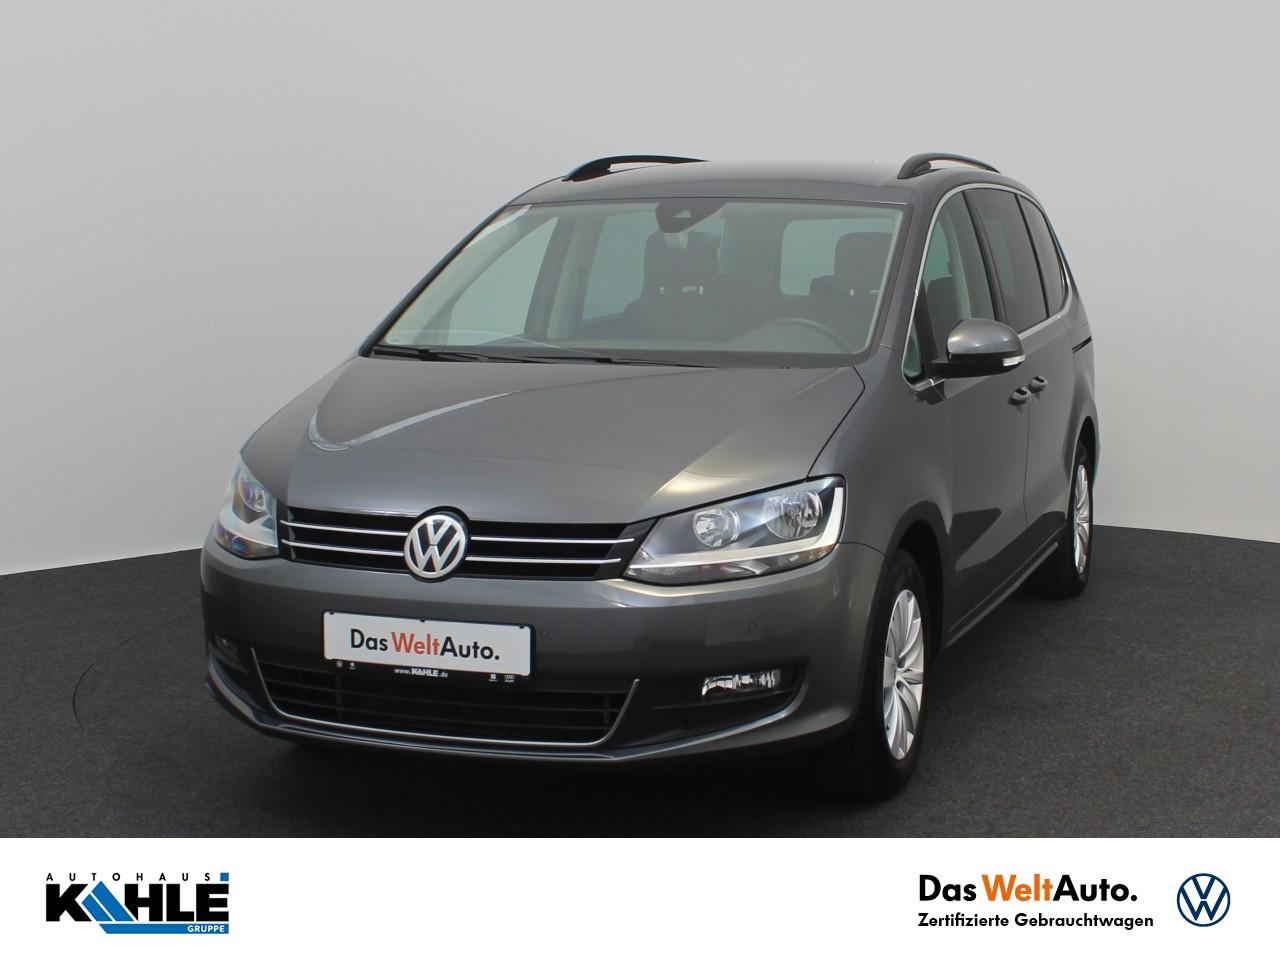 Volkswagen Sharan 2.0 TDI Comfortline 7-Sitzer Navi Klima AHK, Jahr 2020, Diesel